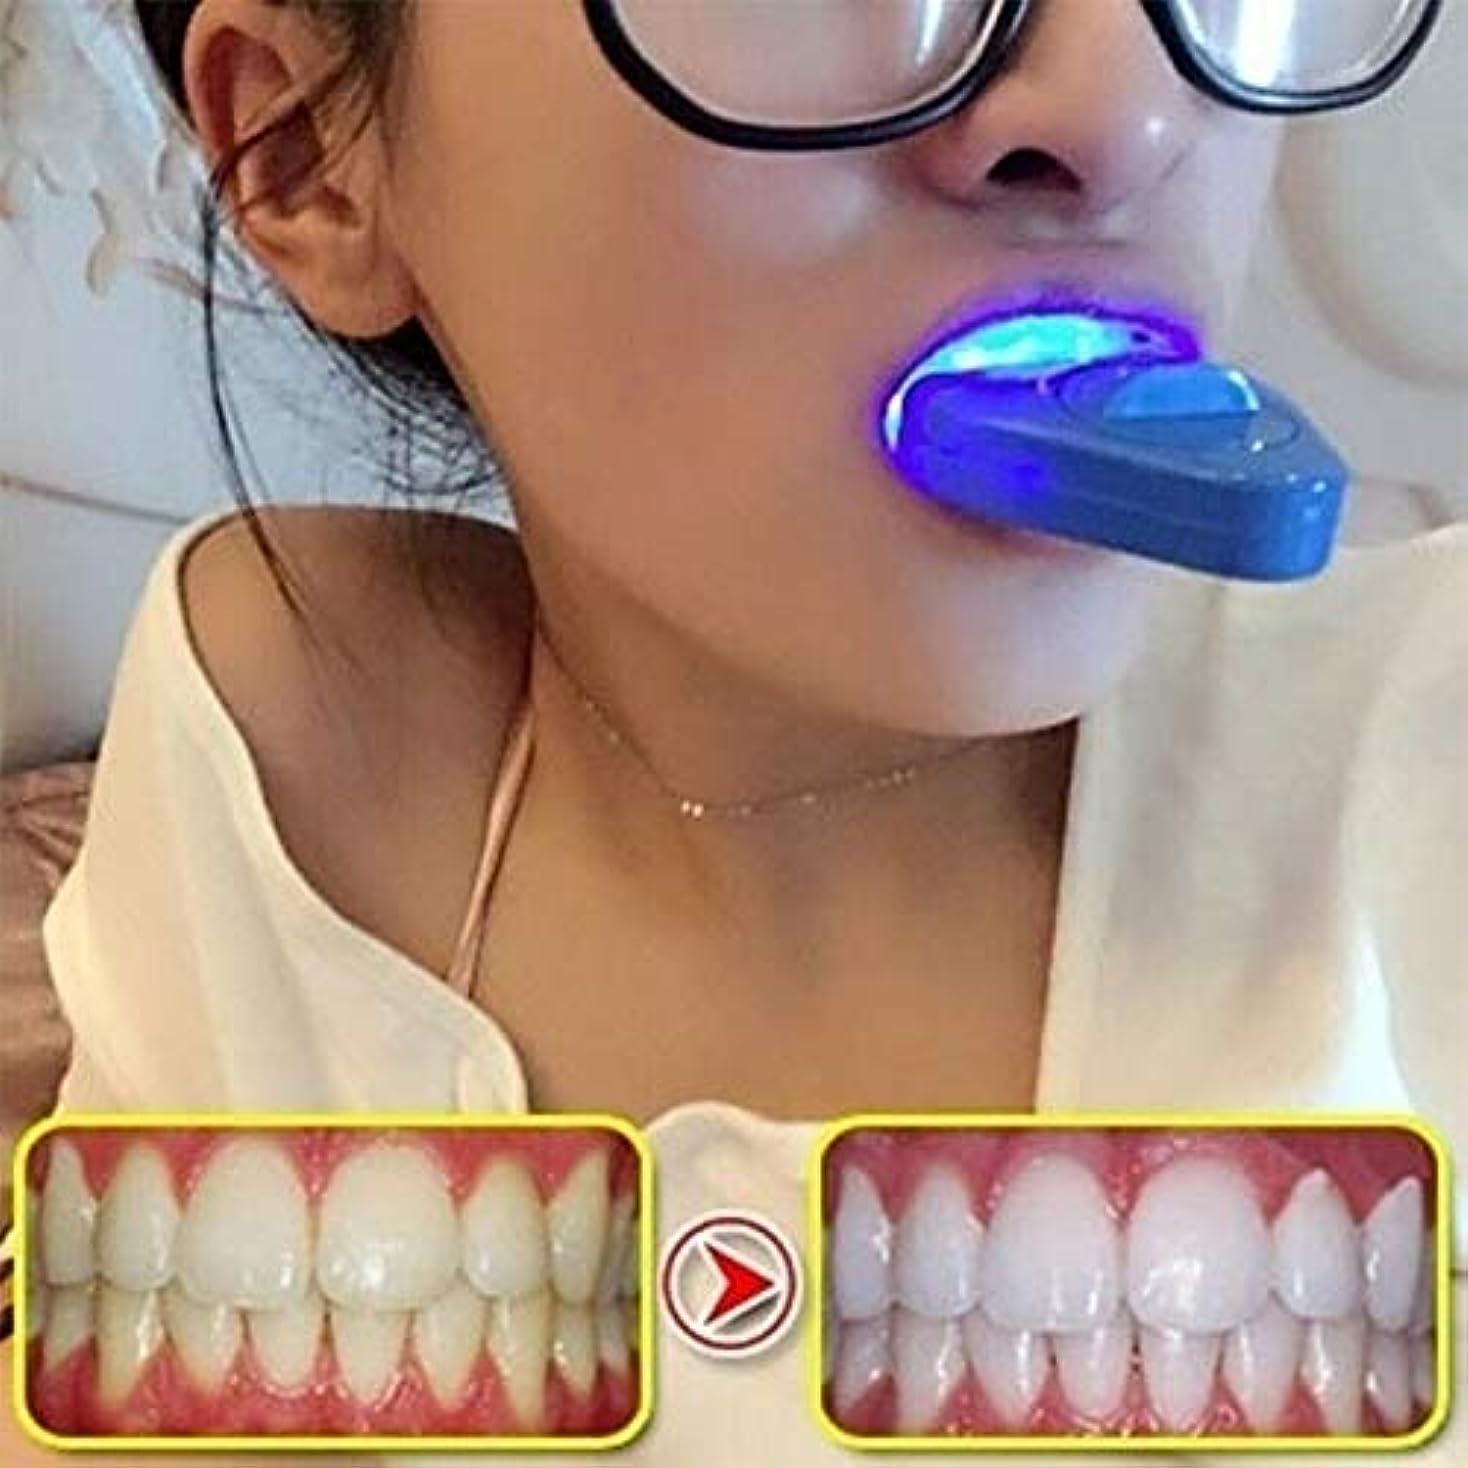 接辞なすお香新しい歯のコールドホワイトニング器具ランプオーラルデンタルヘルスケアツール